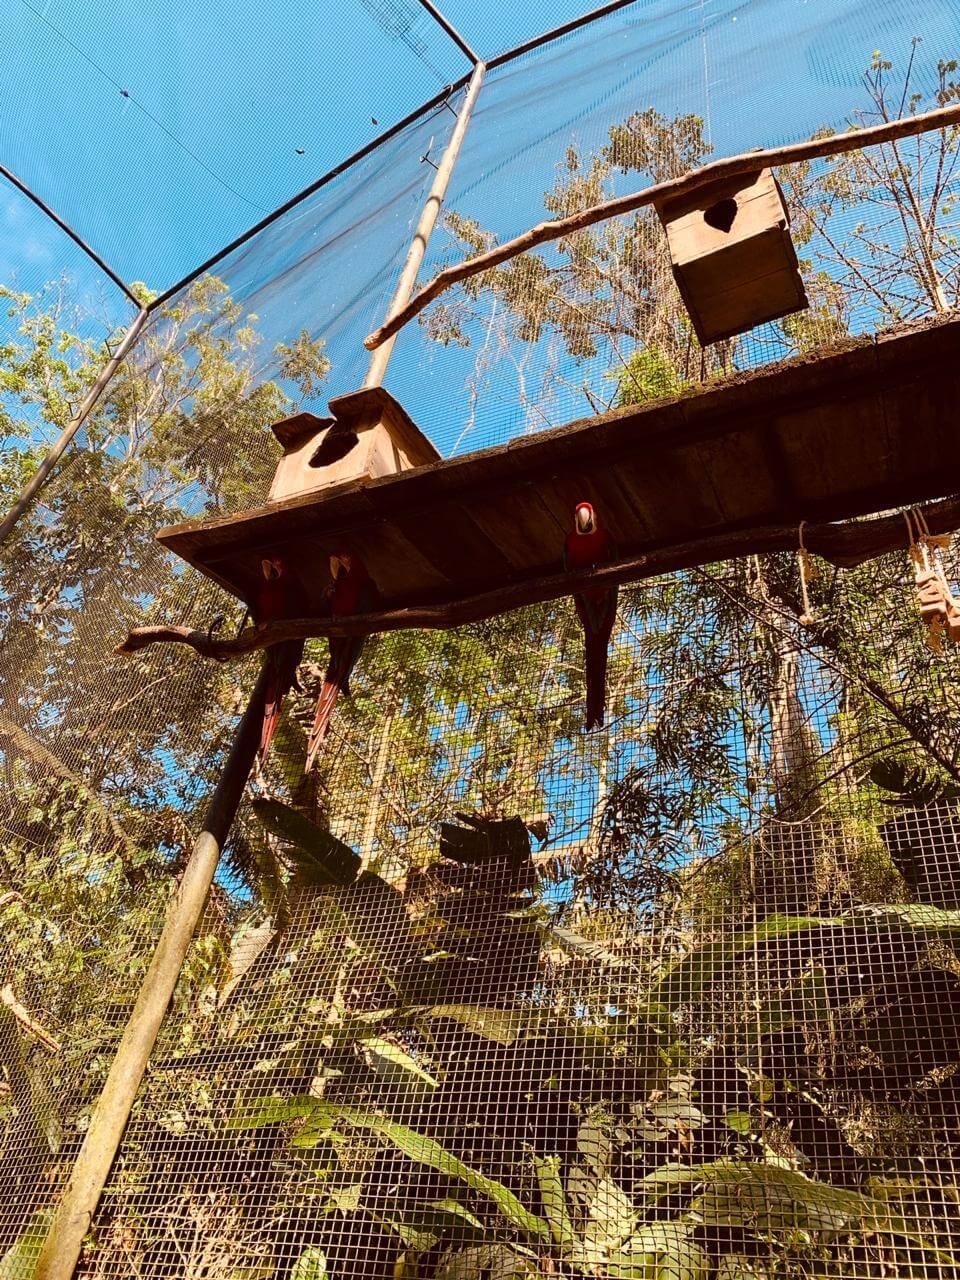 Araras do Parque das Aves em Foz do Iguaçu e suas casinhas dentro de sua jaula.